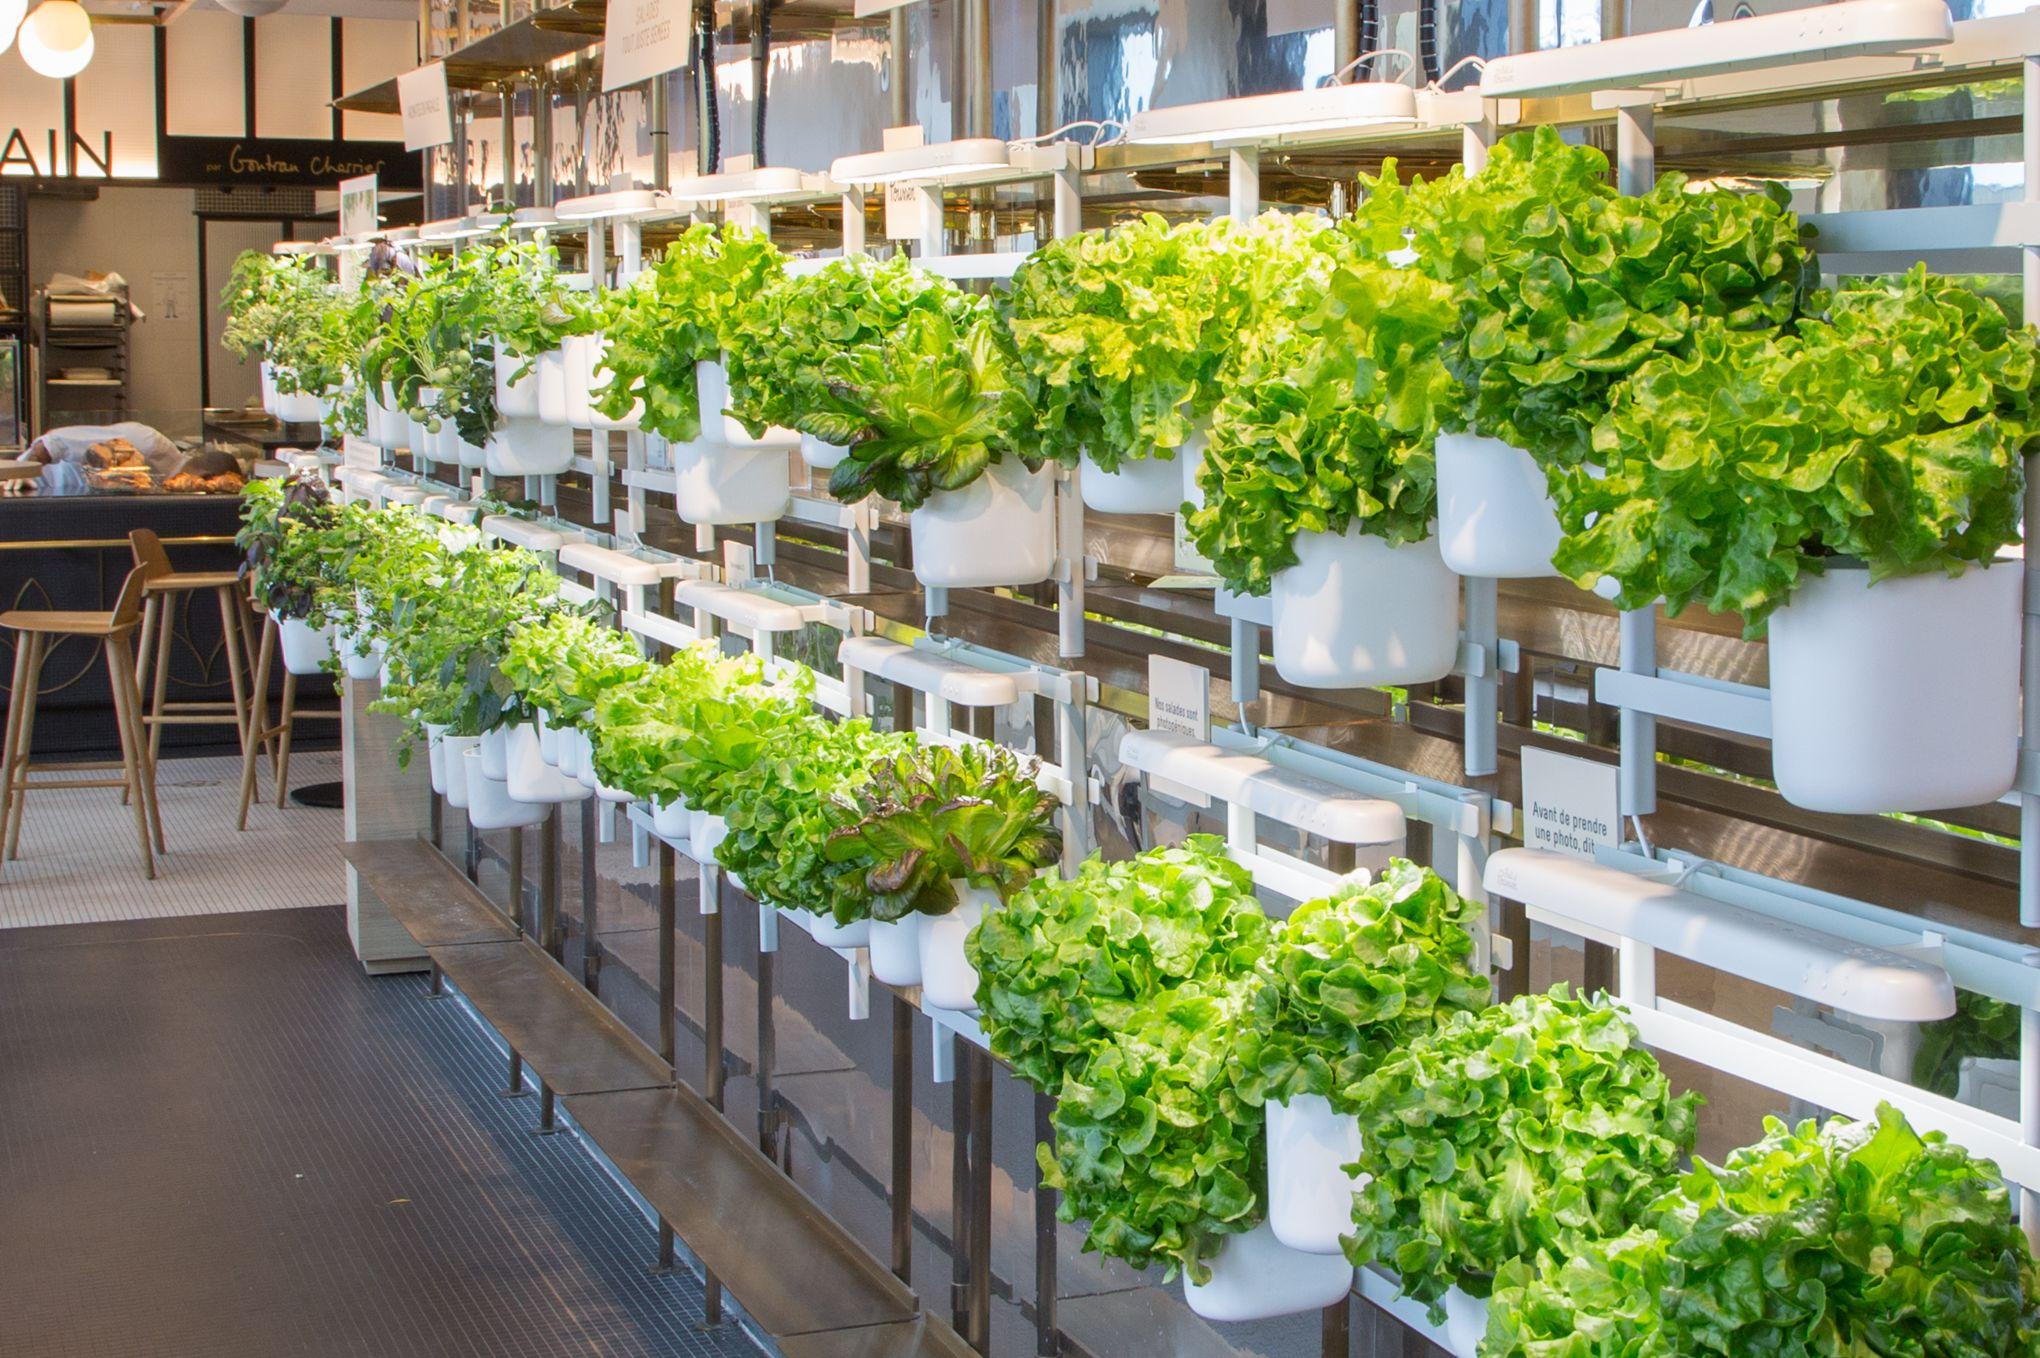 Faire Pousser Du Persil En Appartement modulo, un potager d'intérieur pour faire pousser ses salades